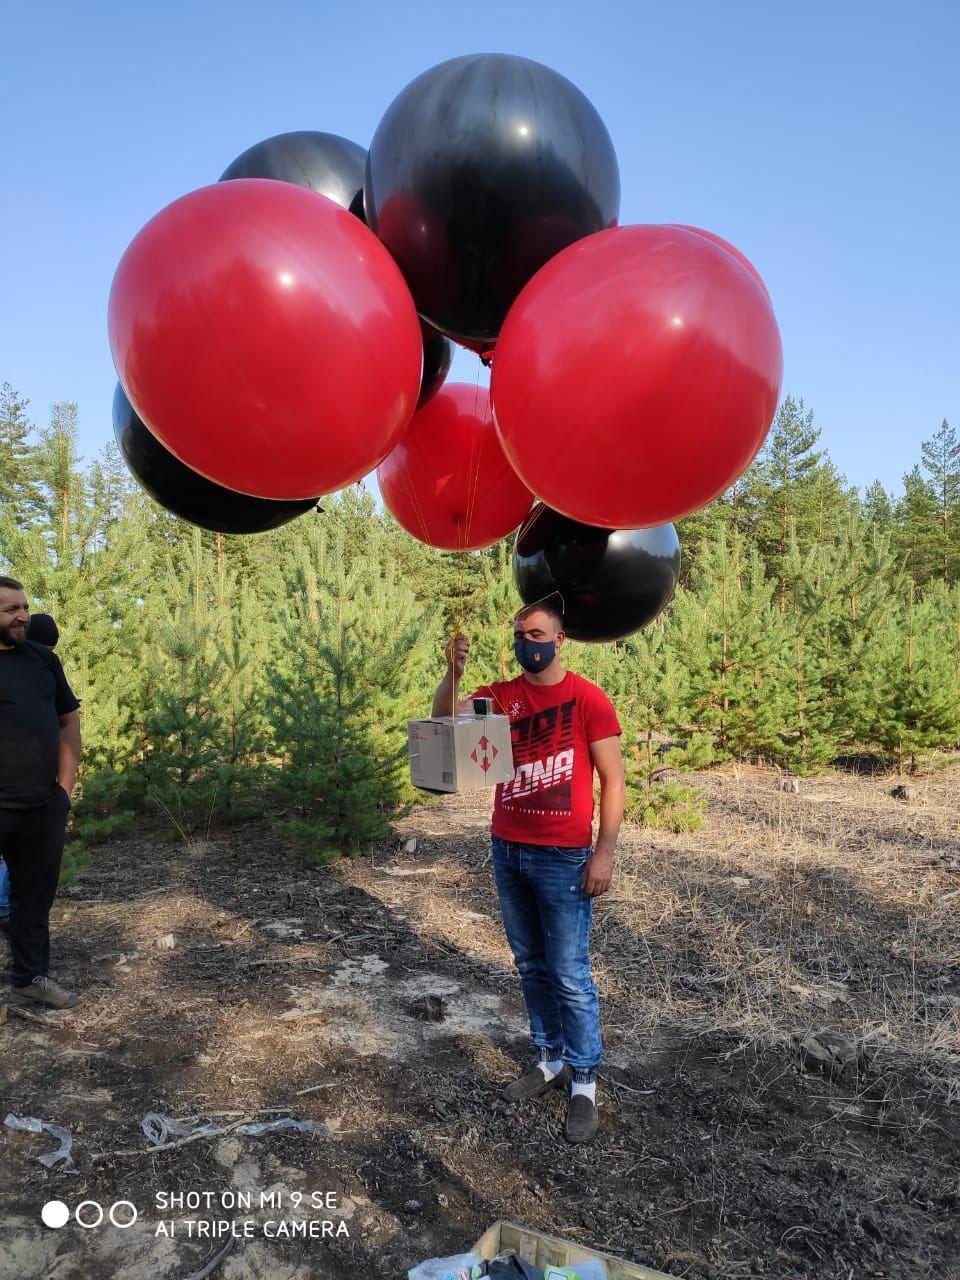 Открытки привязали к большим воздушным шарикам красного и черного цвета